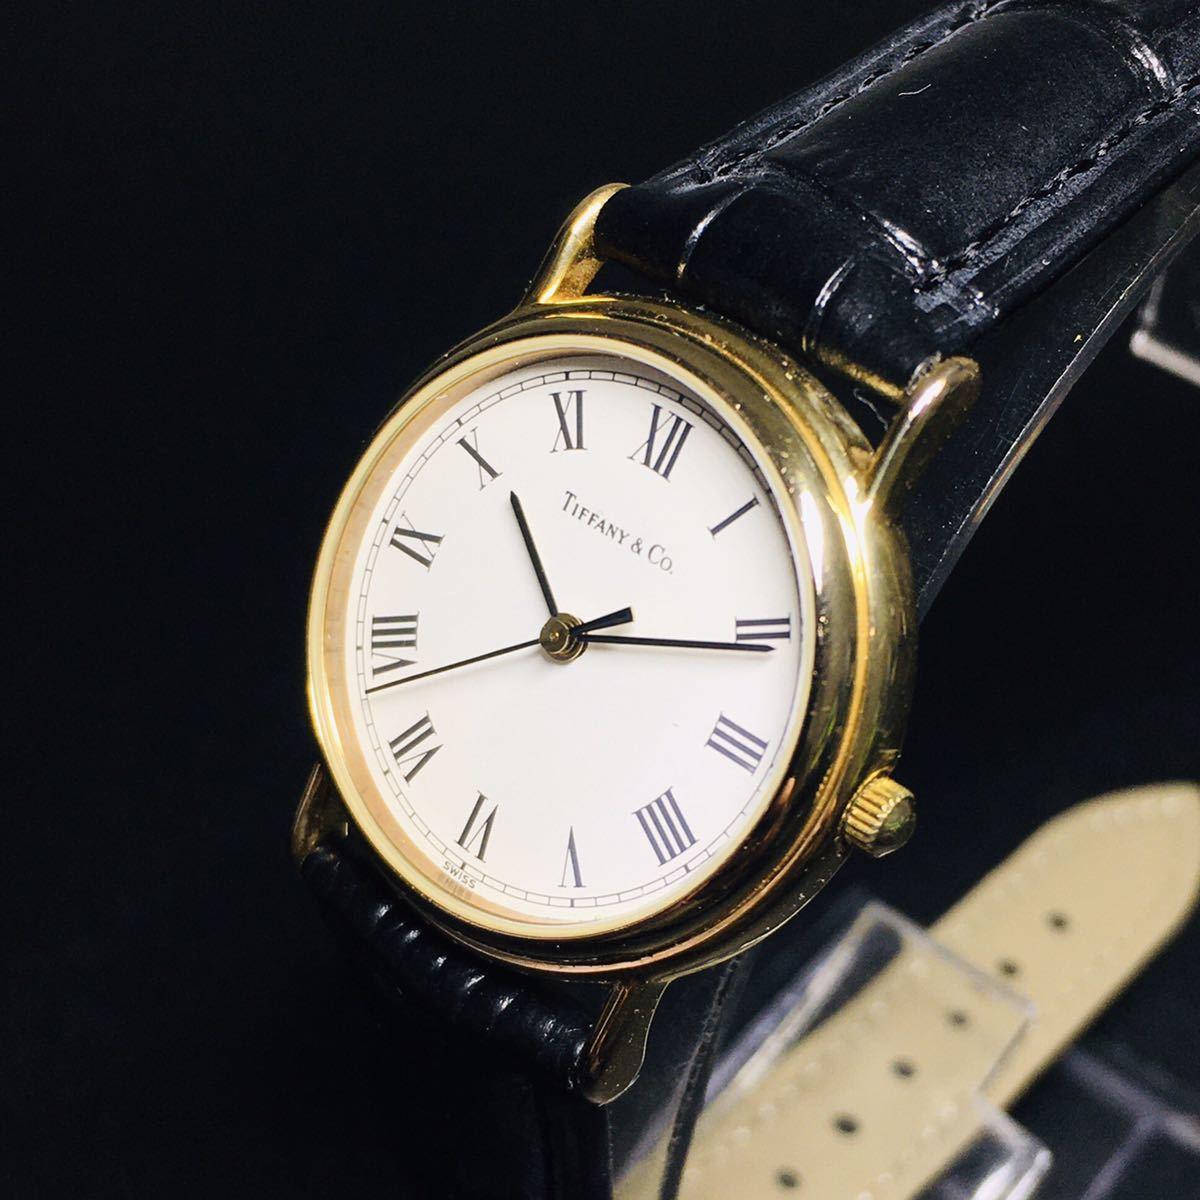 【美品 正規品】ティファニー 腕時計 ローマンインデックス ゴールド クラシック ラウンド レディース 【2005Ti36】_画像2